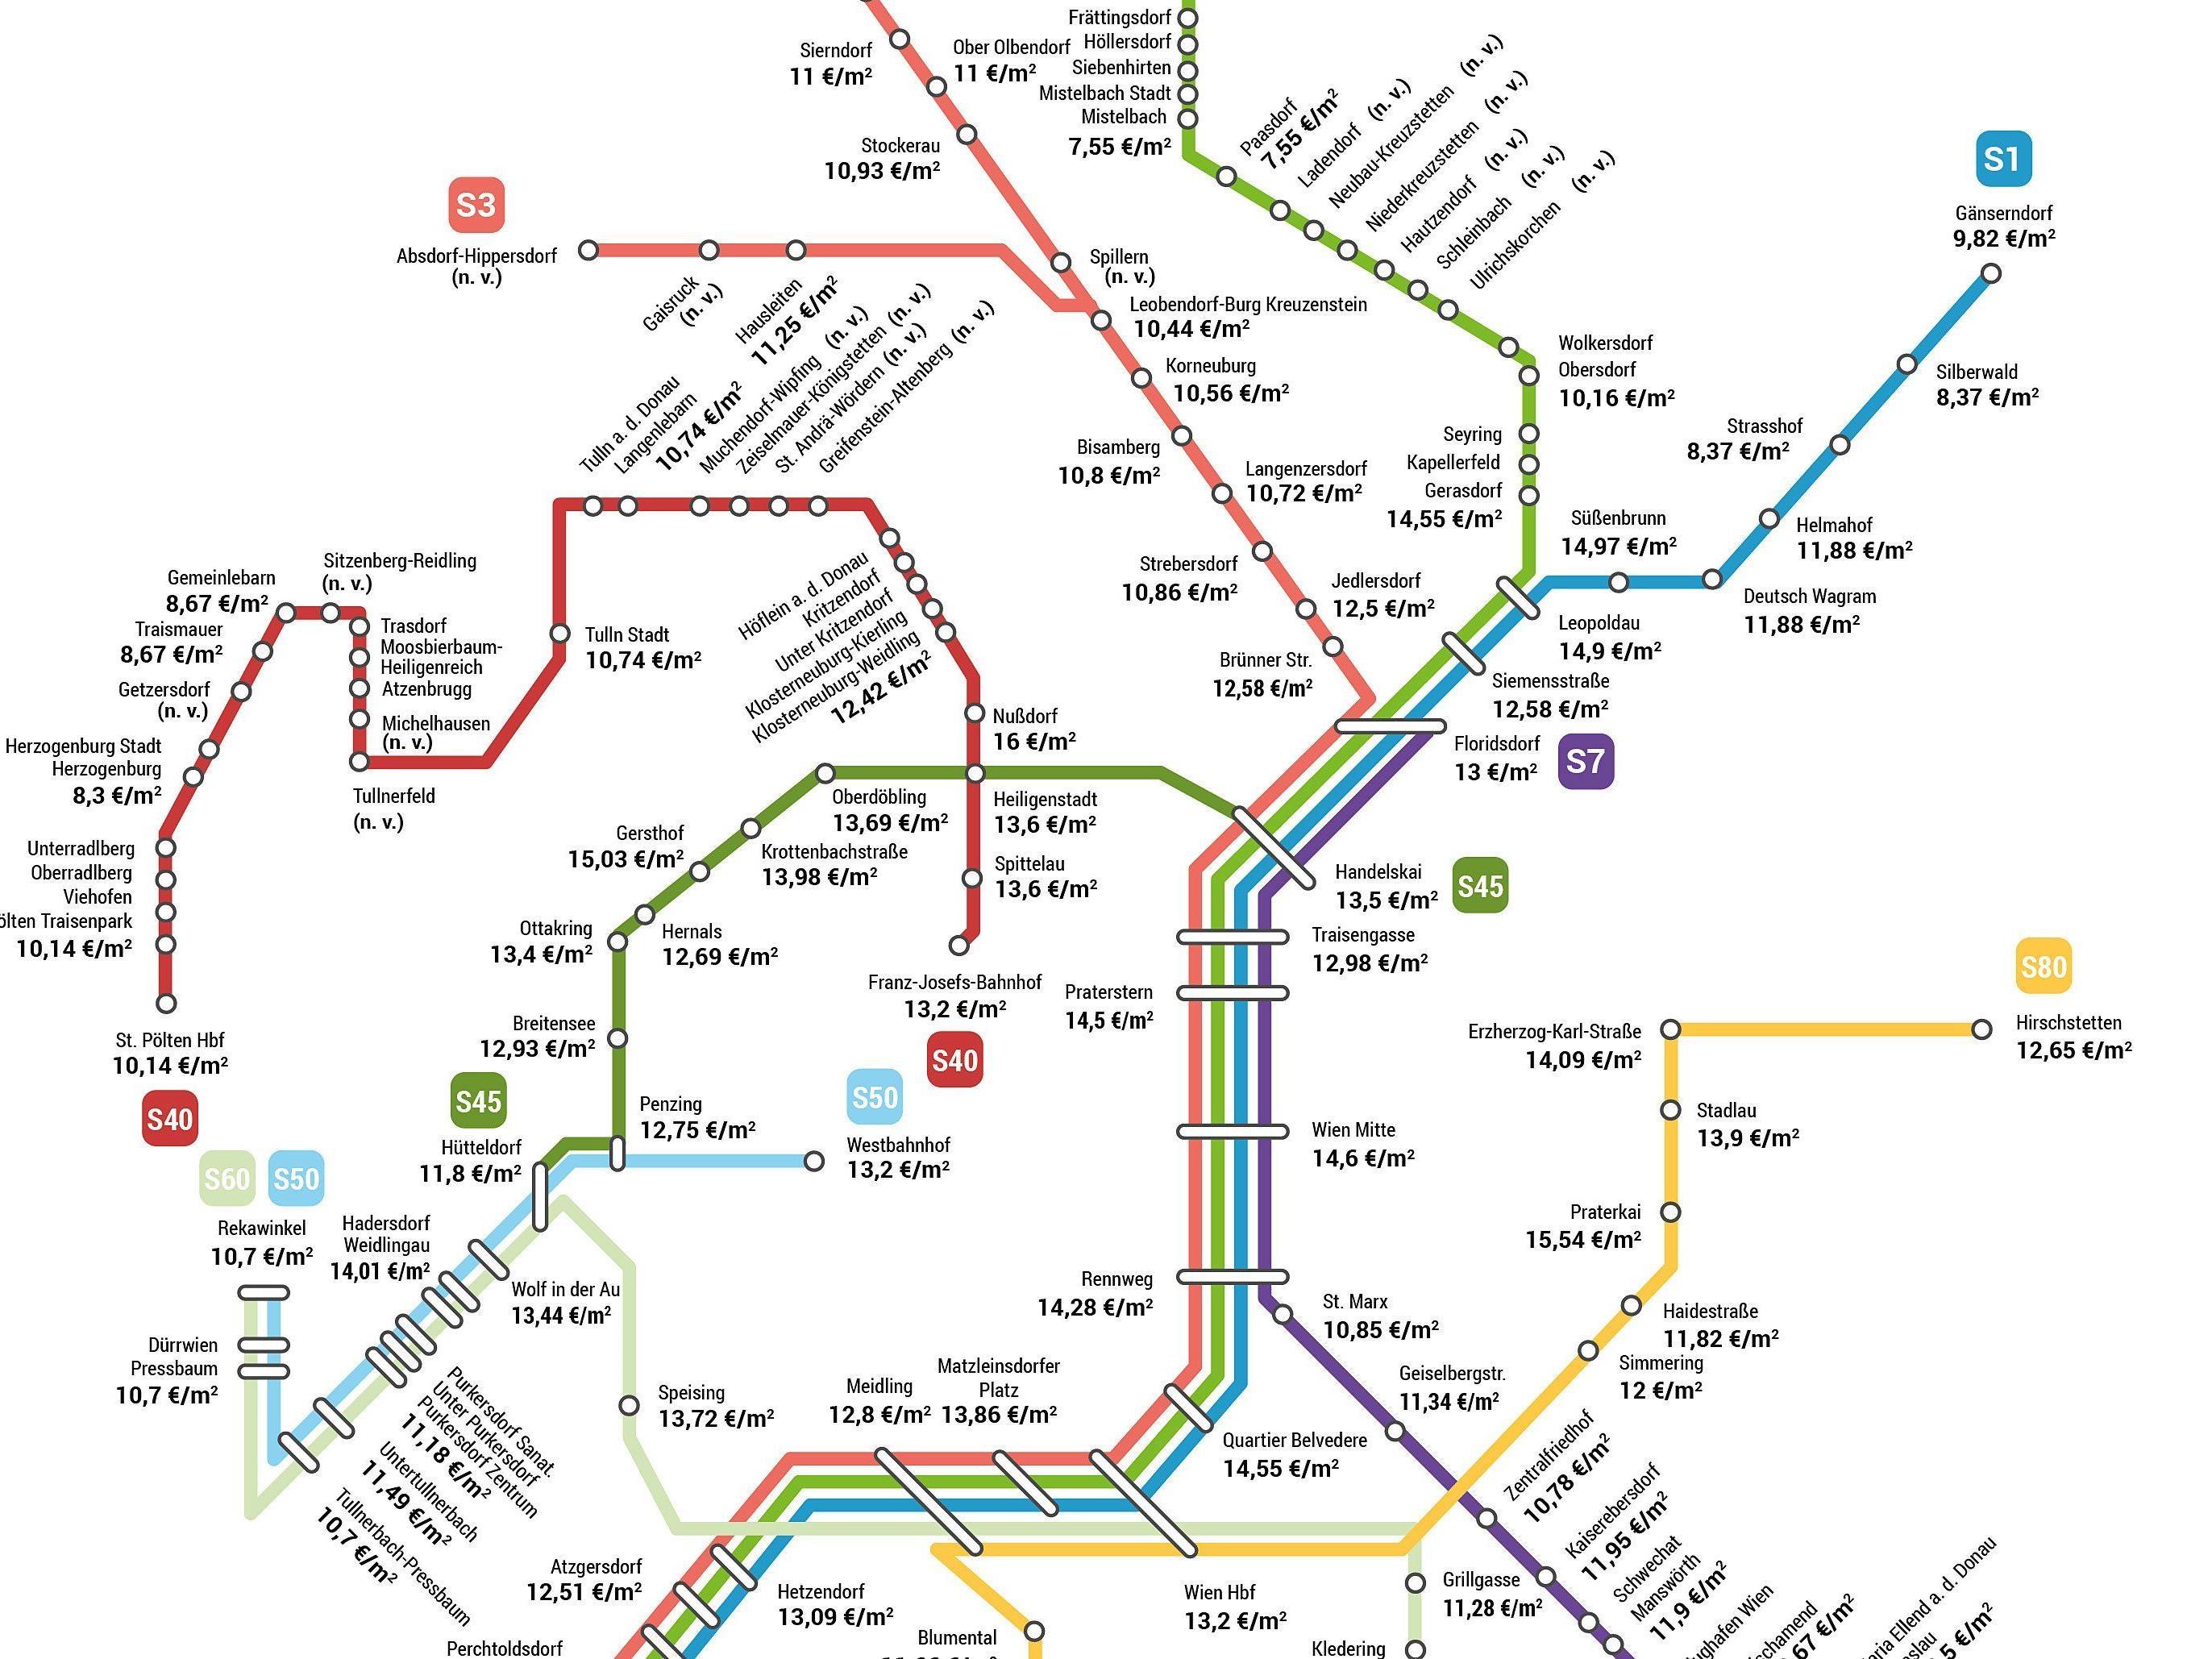 An welchen S-Bahn-Stationen wohnt es sich günstig?